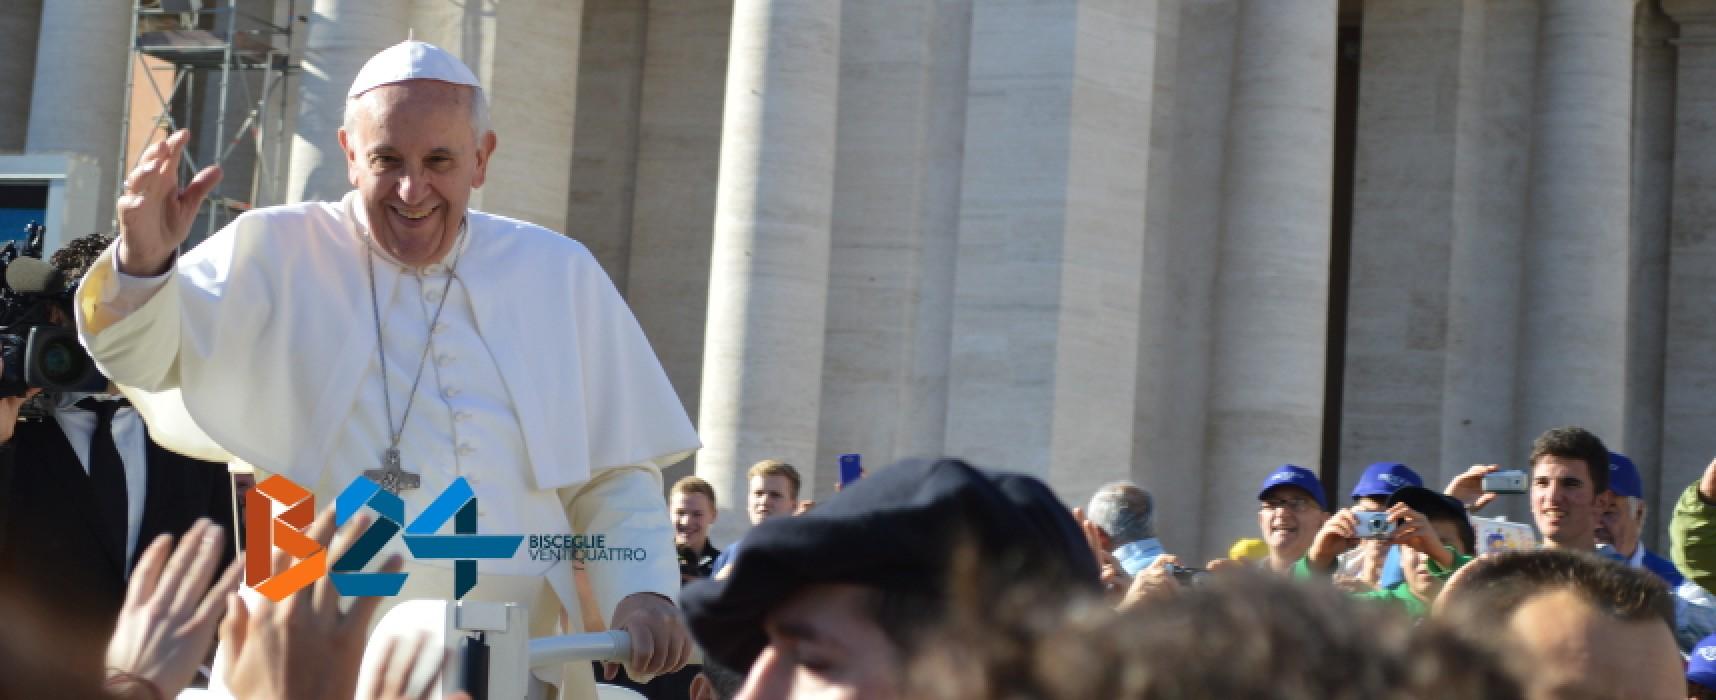 Visita di Papa Francesco a Molfetta il 20 aprile, scuole chiuse anche a Bisceglie